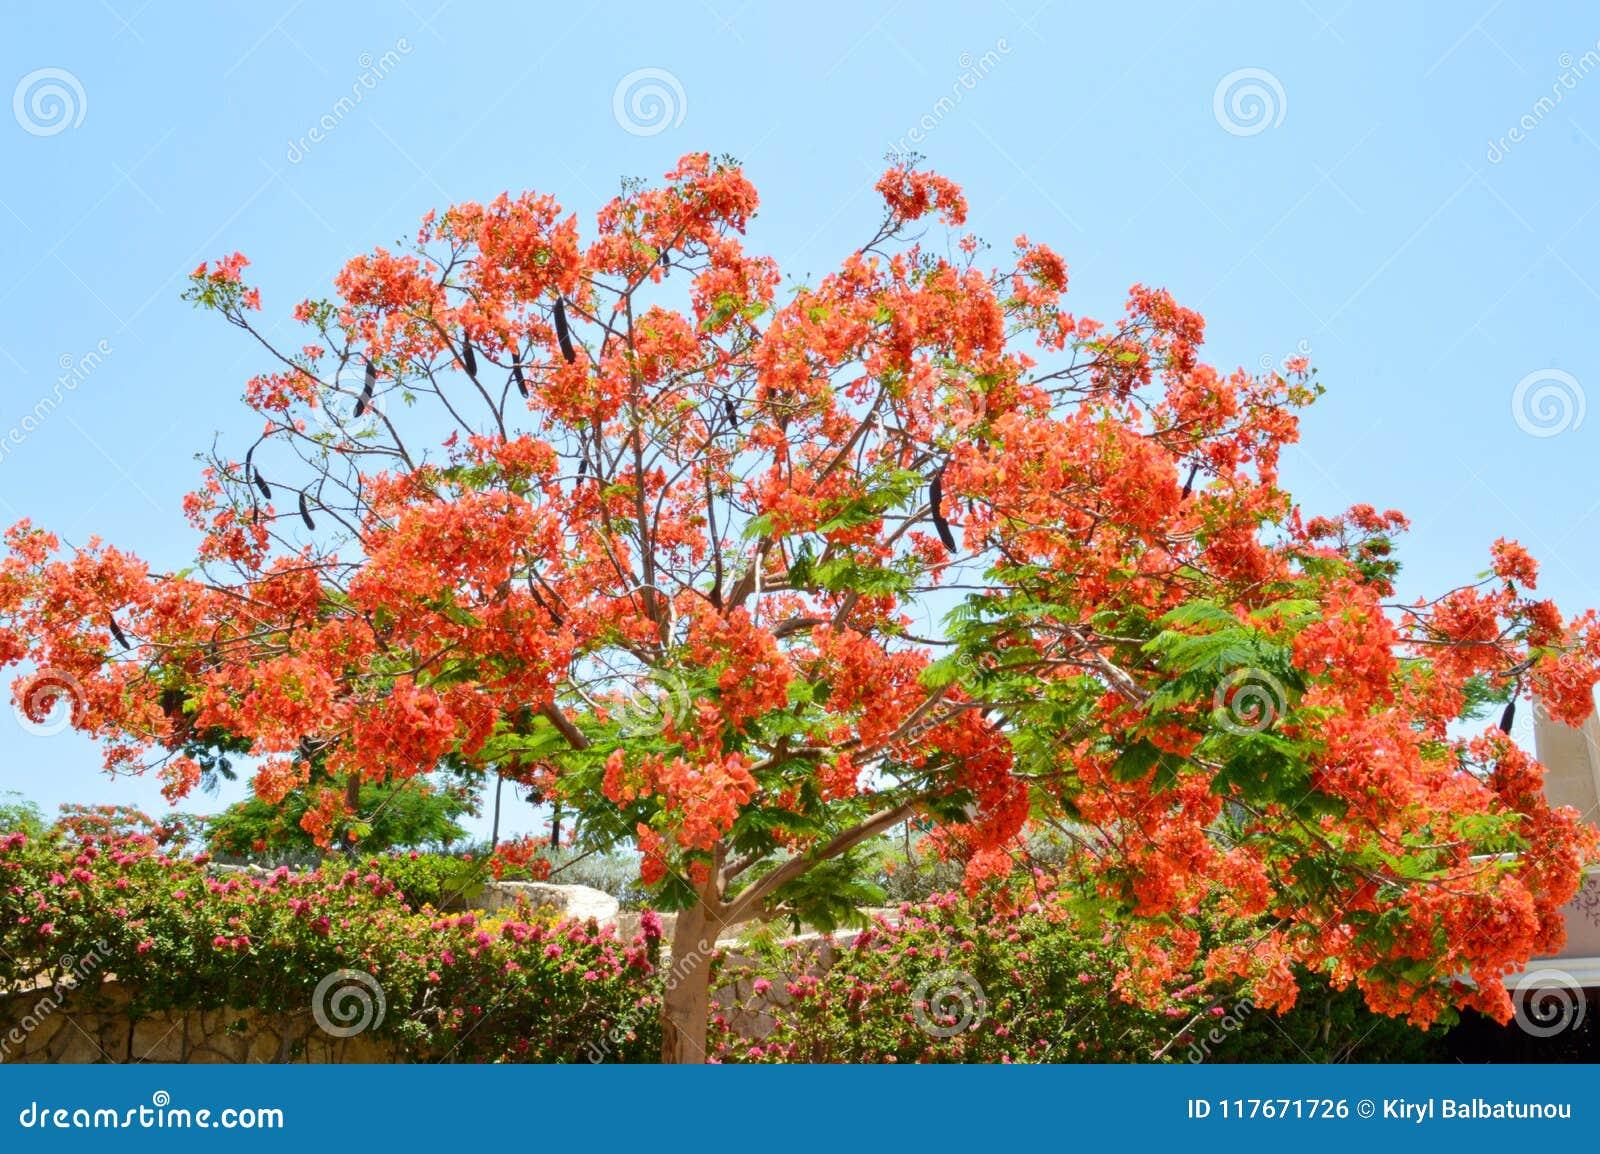 Προστατευόμενο δέντρο Delonix με τους κλάδους με τα κόκκινα ανθίζοντας λουλούδια, με τα πράσινα φύλλα σε ένα τροπικό θέρετρο ενάν